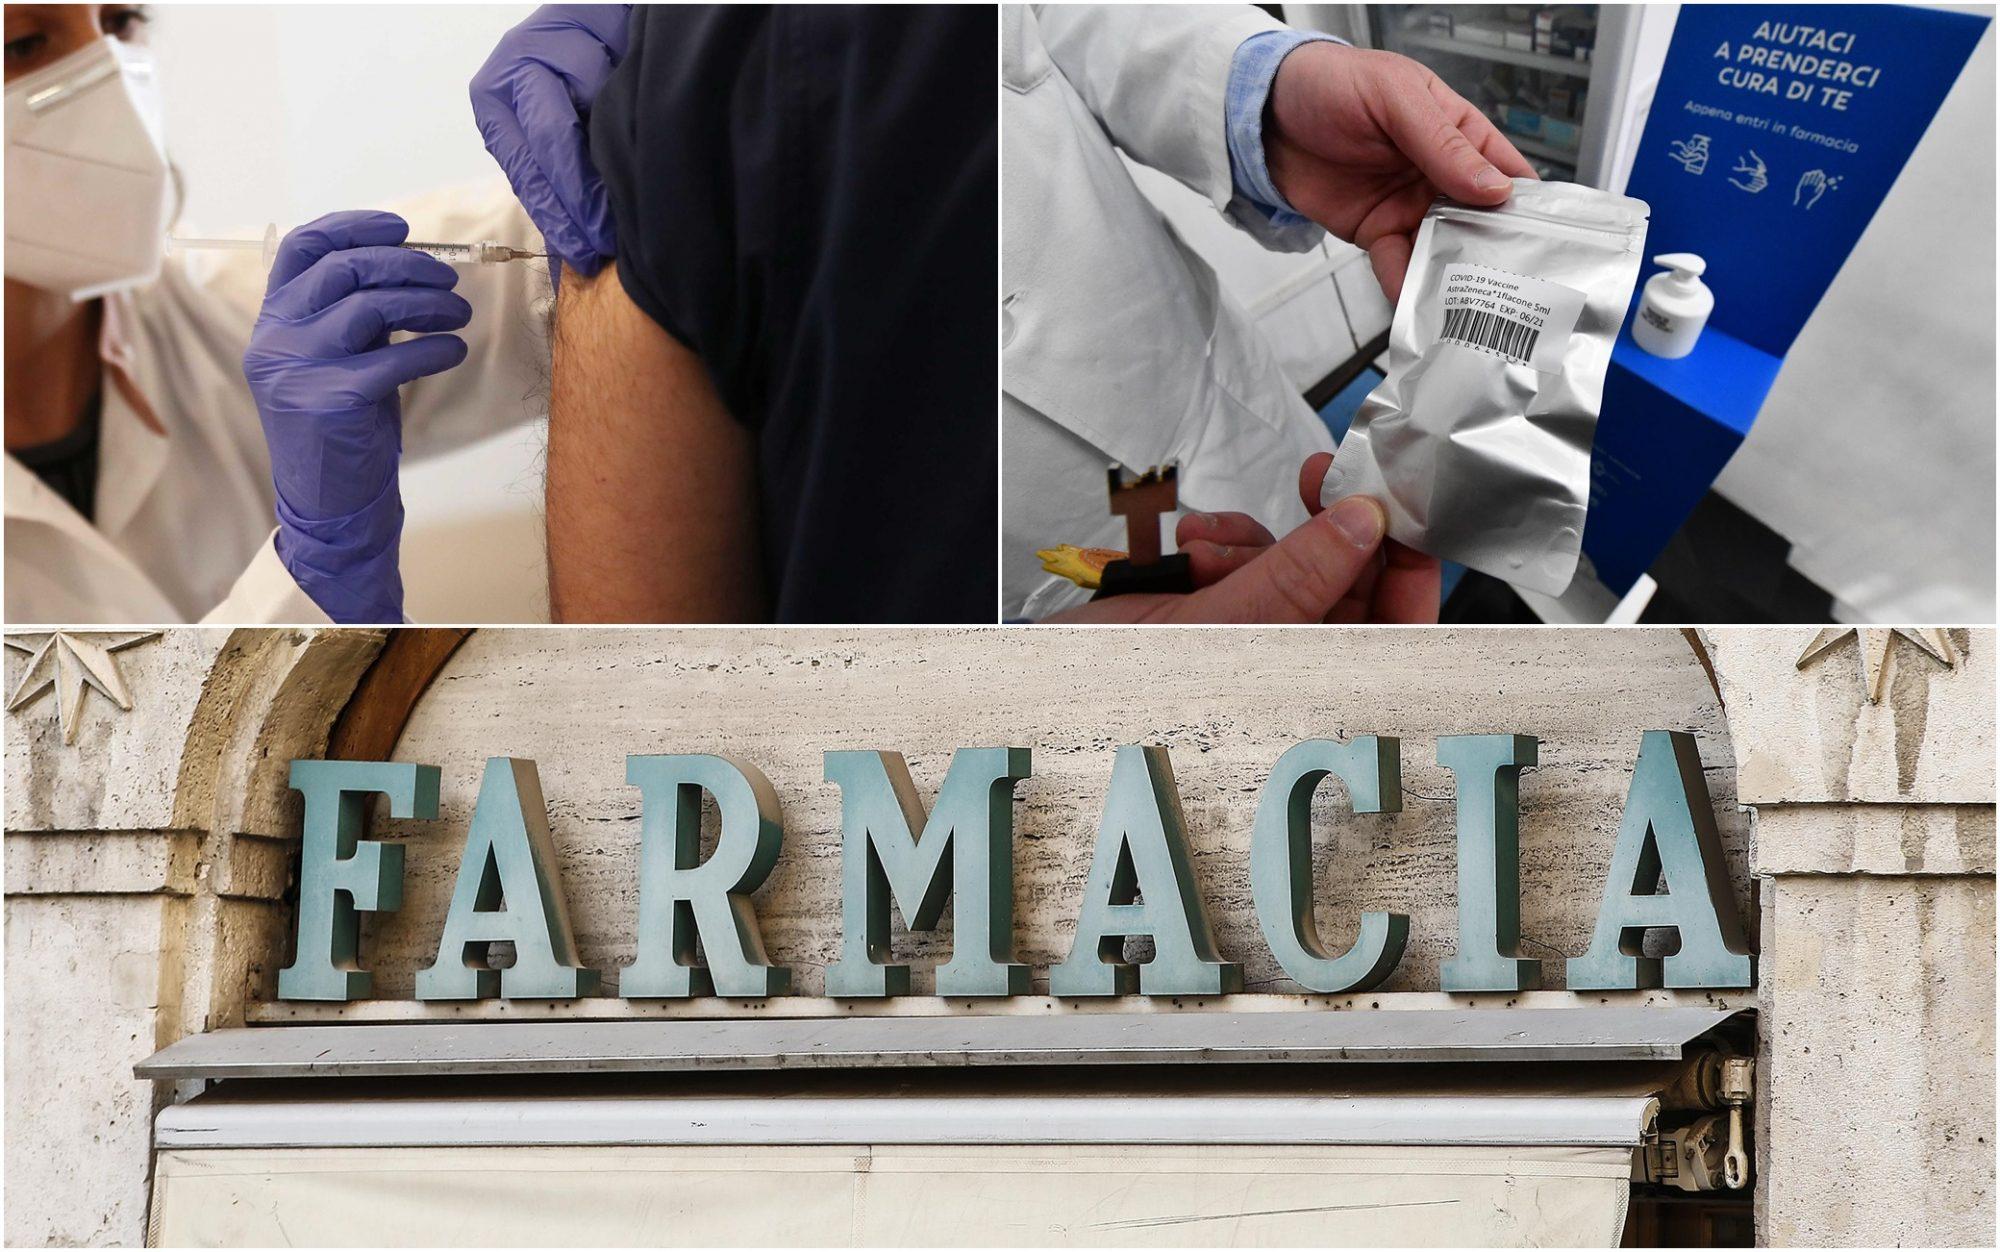 vaccinazione in farmacia